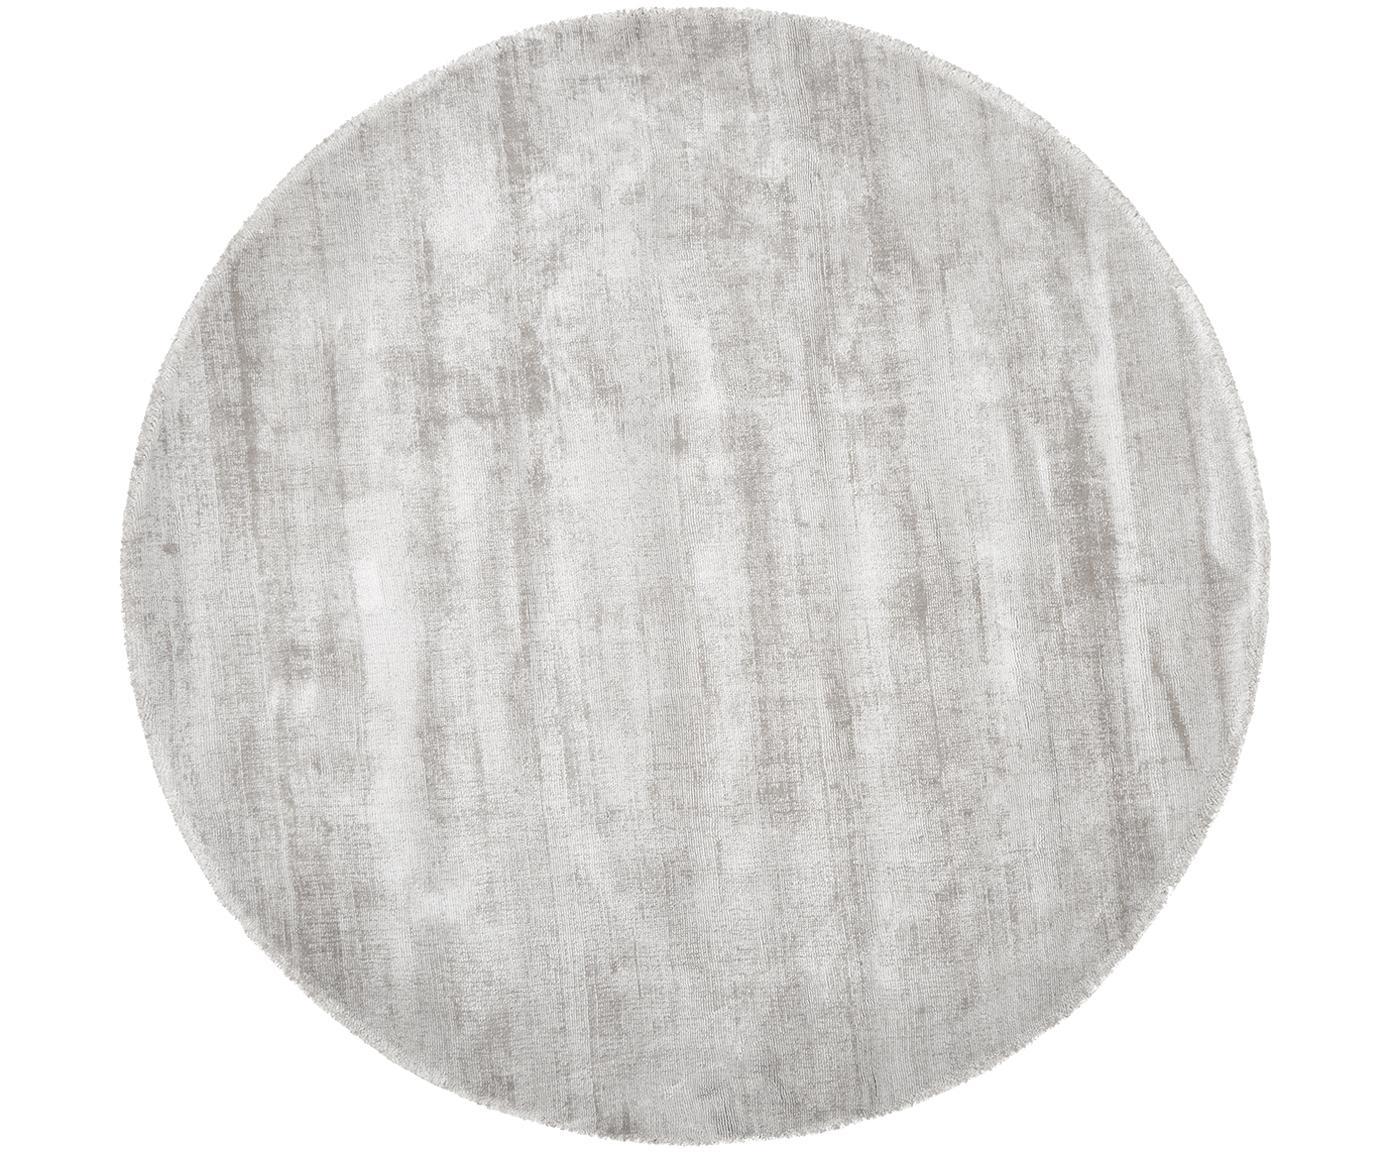 Runder Viskoseteppich Jane in Hellgrau-Beige, handgewebt, Flor: 100% Viskose, Hellgrau-Beige, Ø 120 cm (Grösse S)